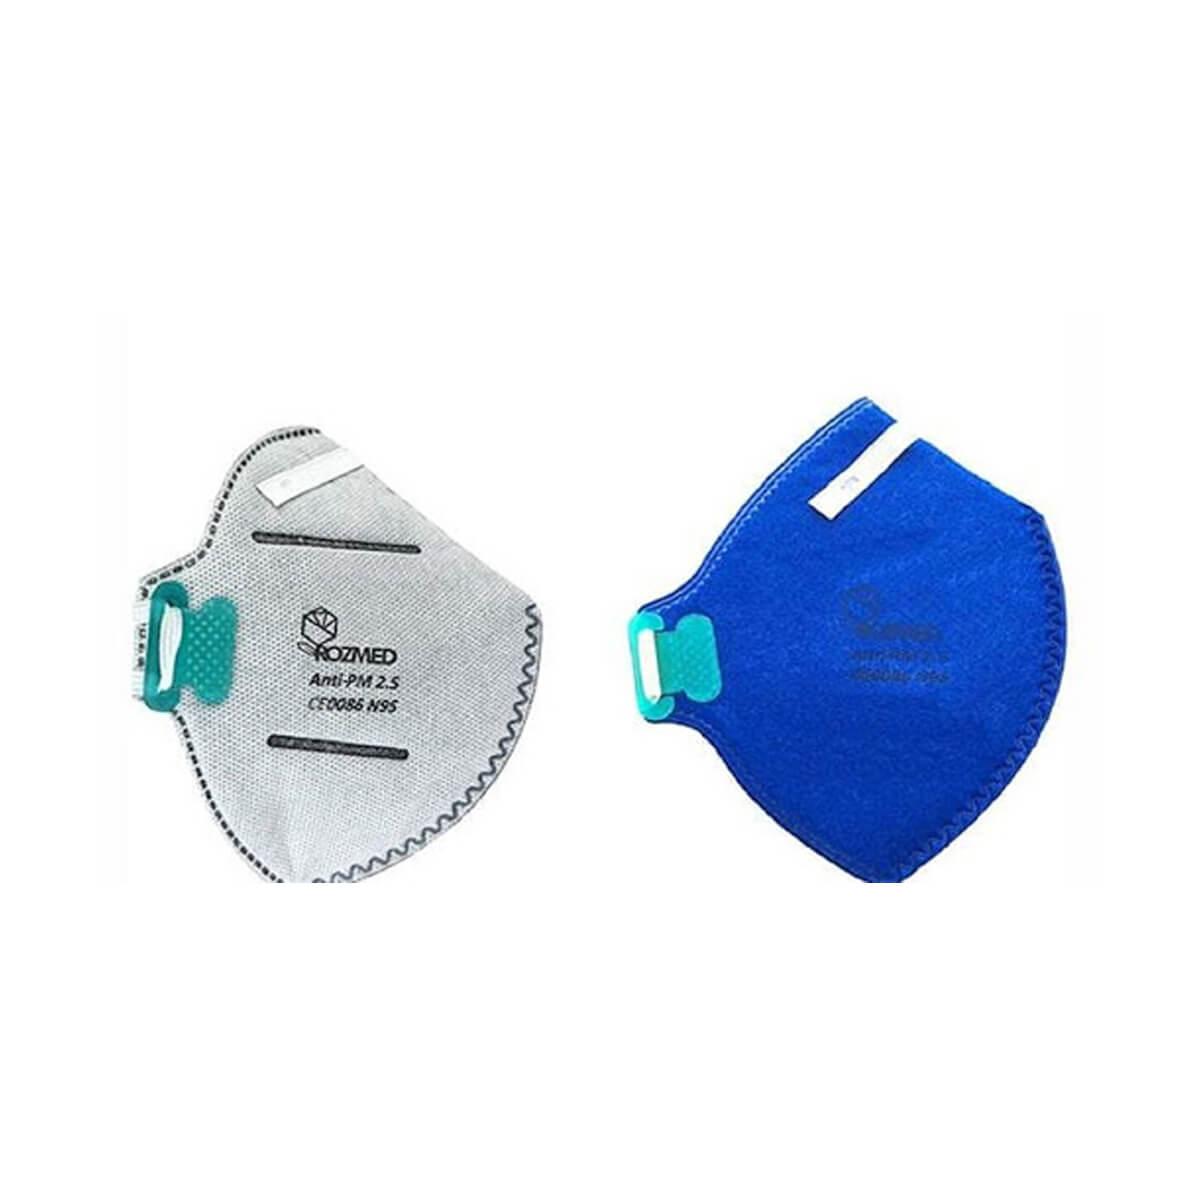 ماسک بهداشتی فیلتردار